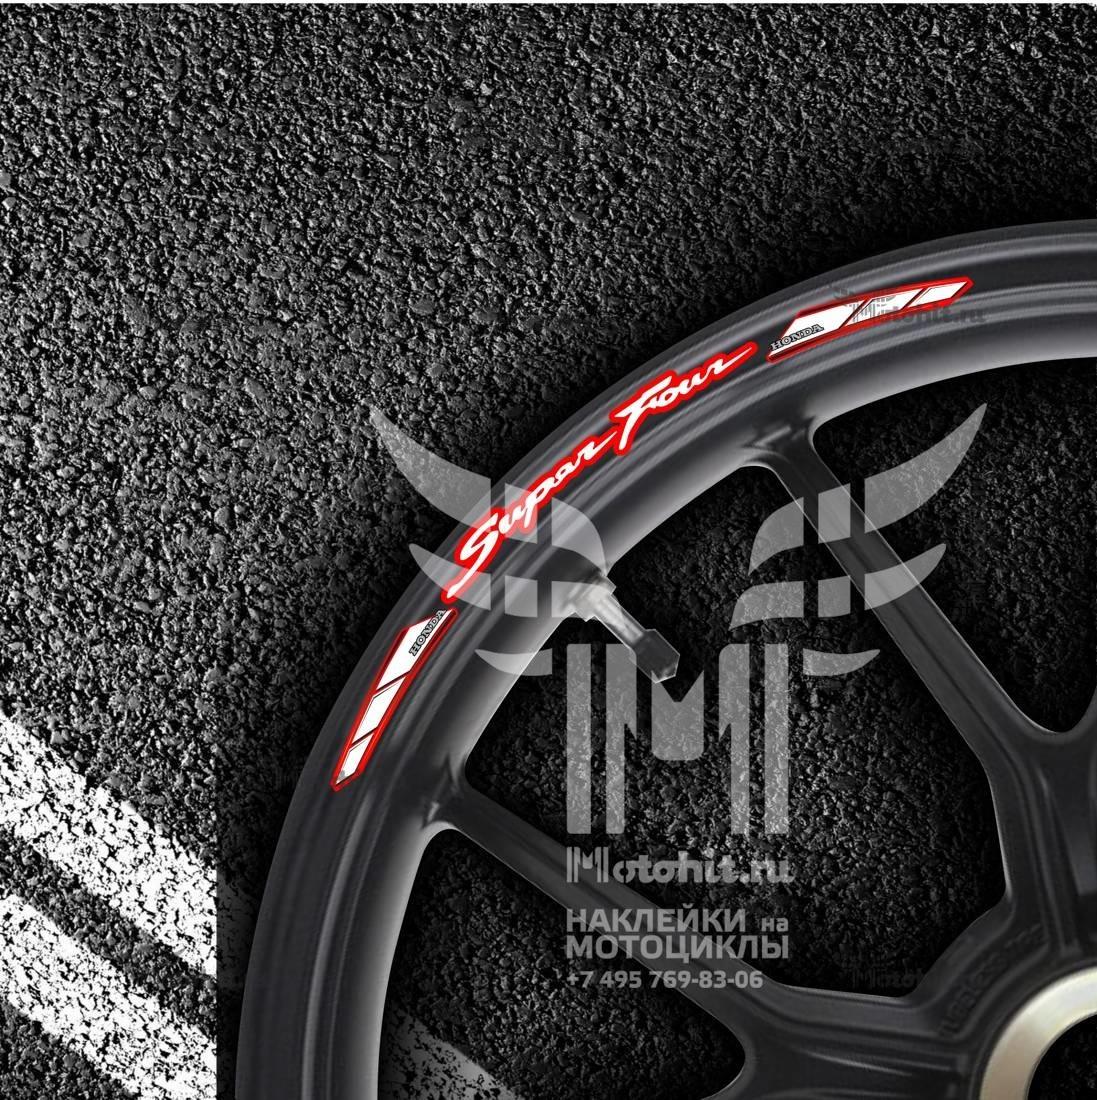 Комплект наклеек на обод колеса мотоцикла HONDA SUPER-FOUR